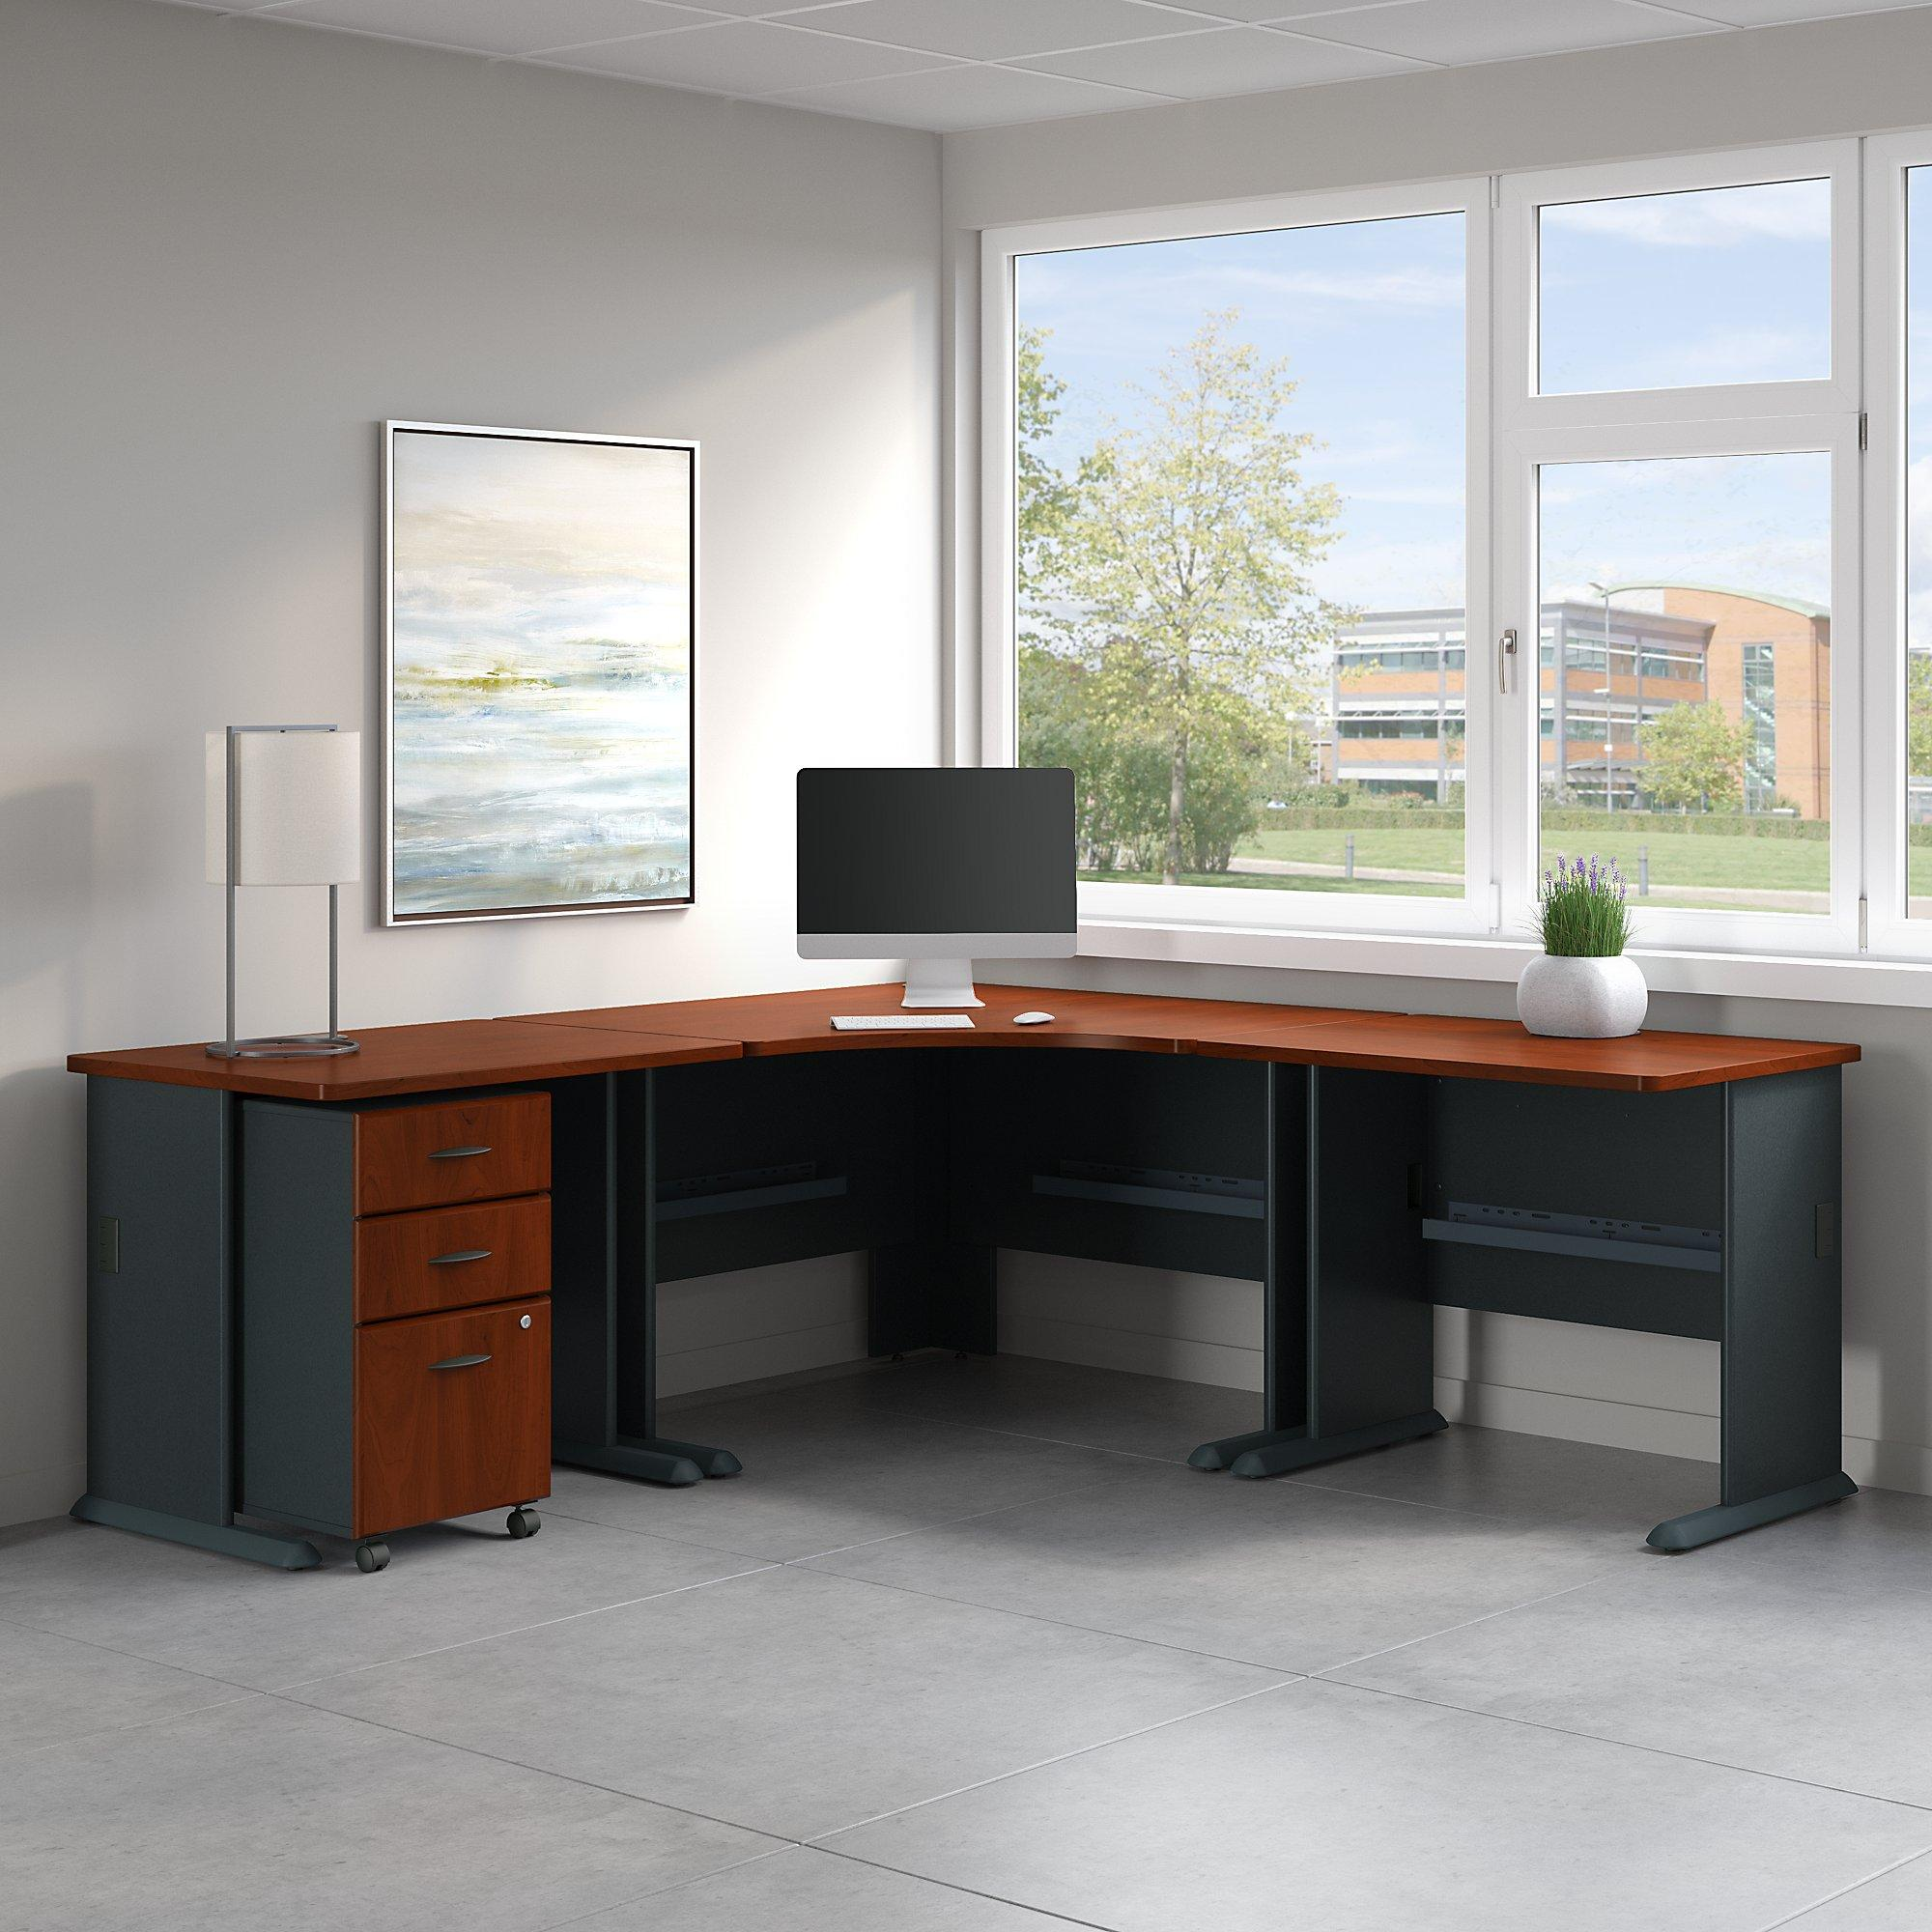 Corner Kitchen Desk Designs: Amazon.com: Series A 84W X 84D Corner Desk With Mobile